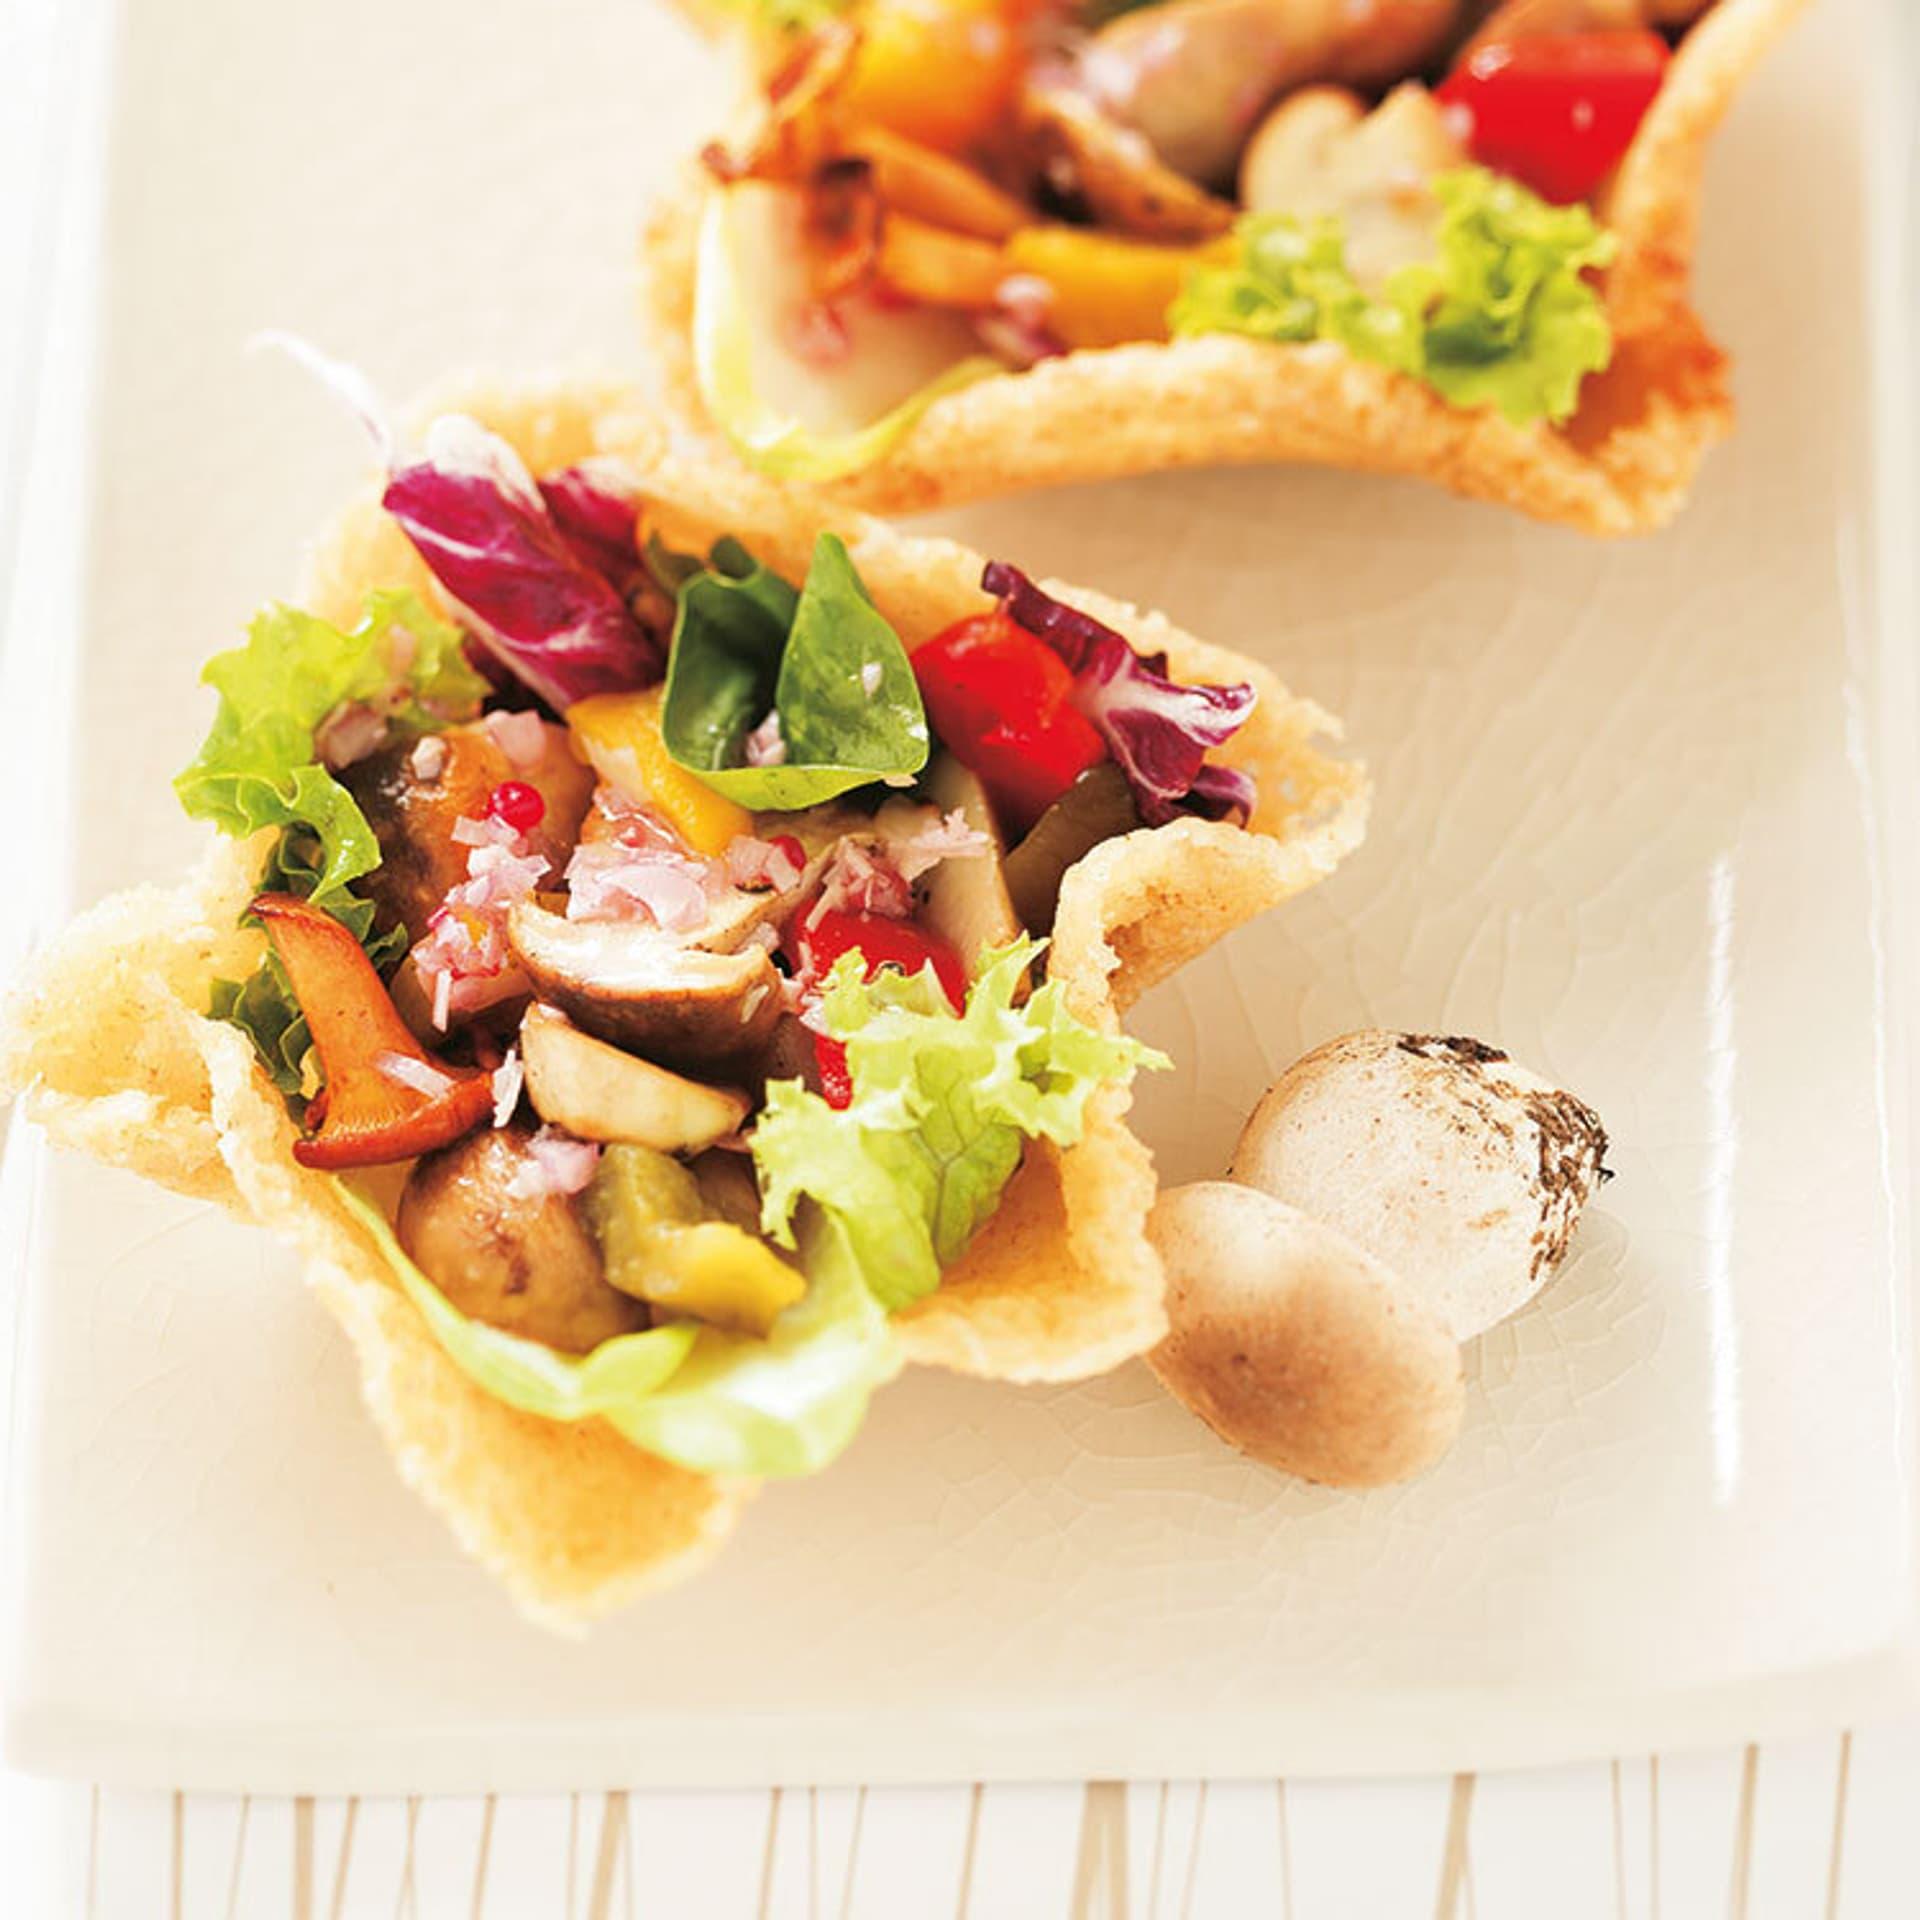 Festlich tafeln herbstsalat im parmesan koerbchen mit edelpilzen